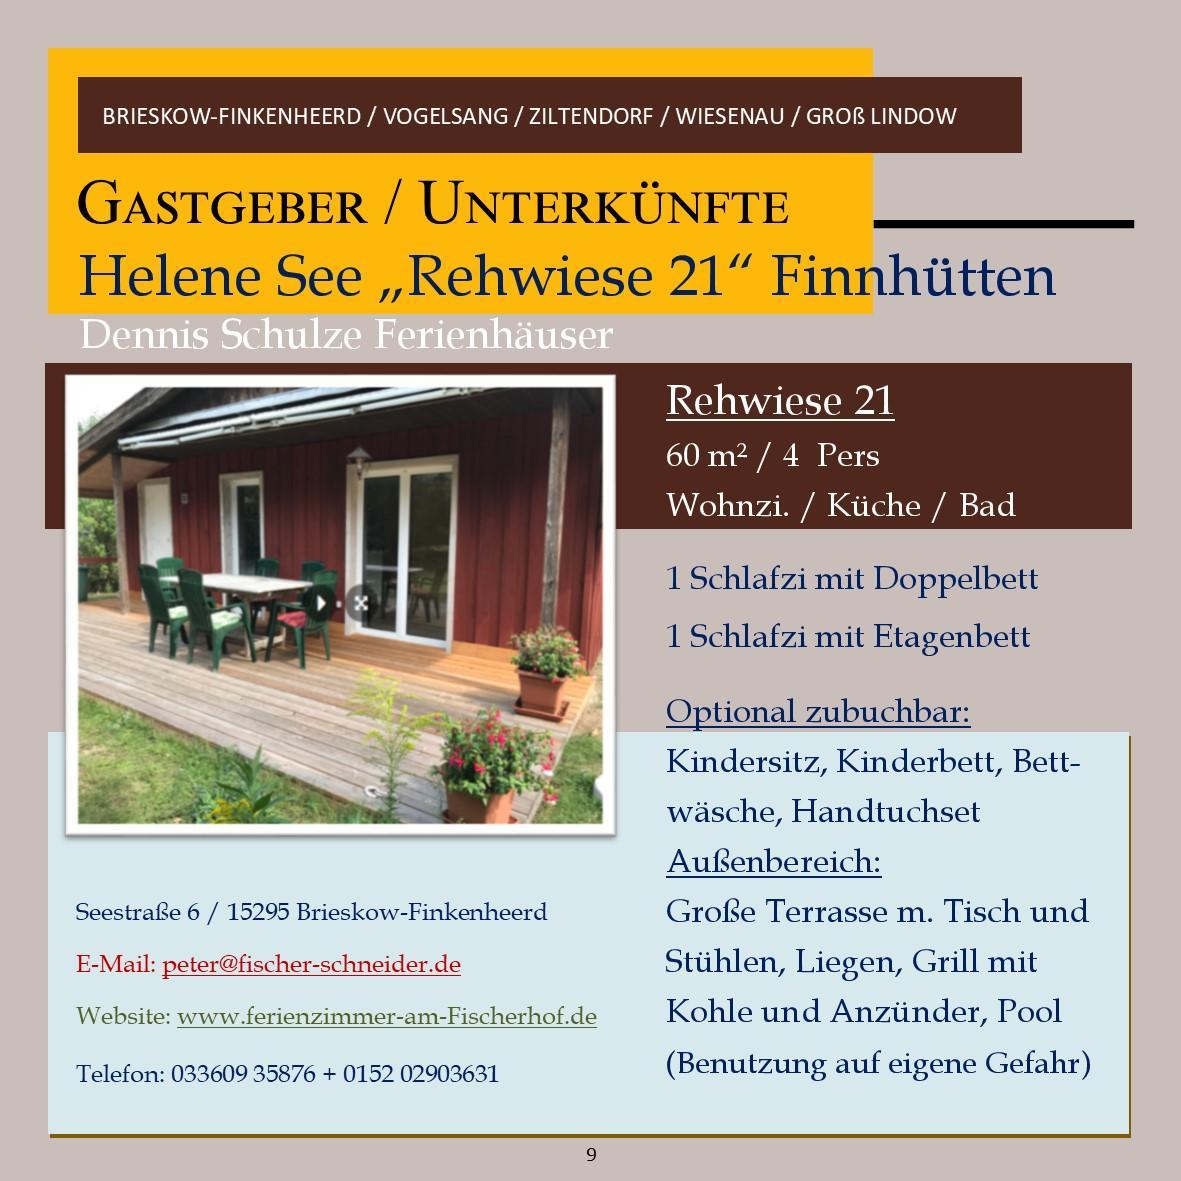 05_Gastronomie_Unterkünfte_Seite9